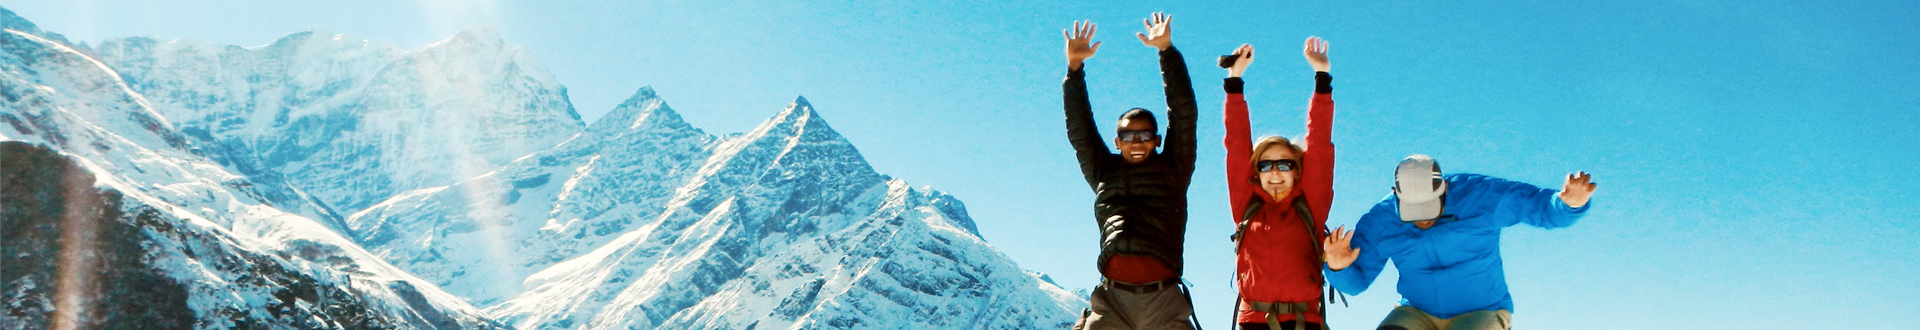 nepal trekking image